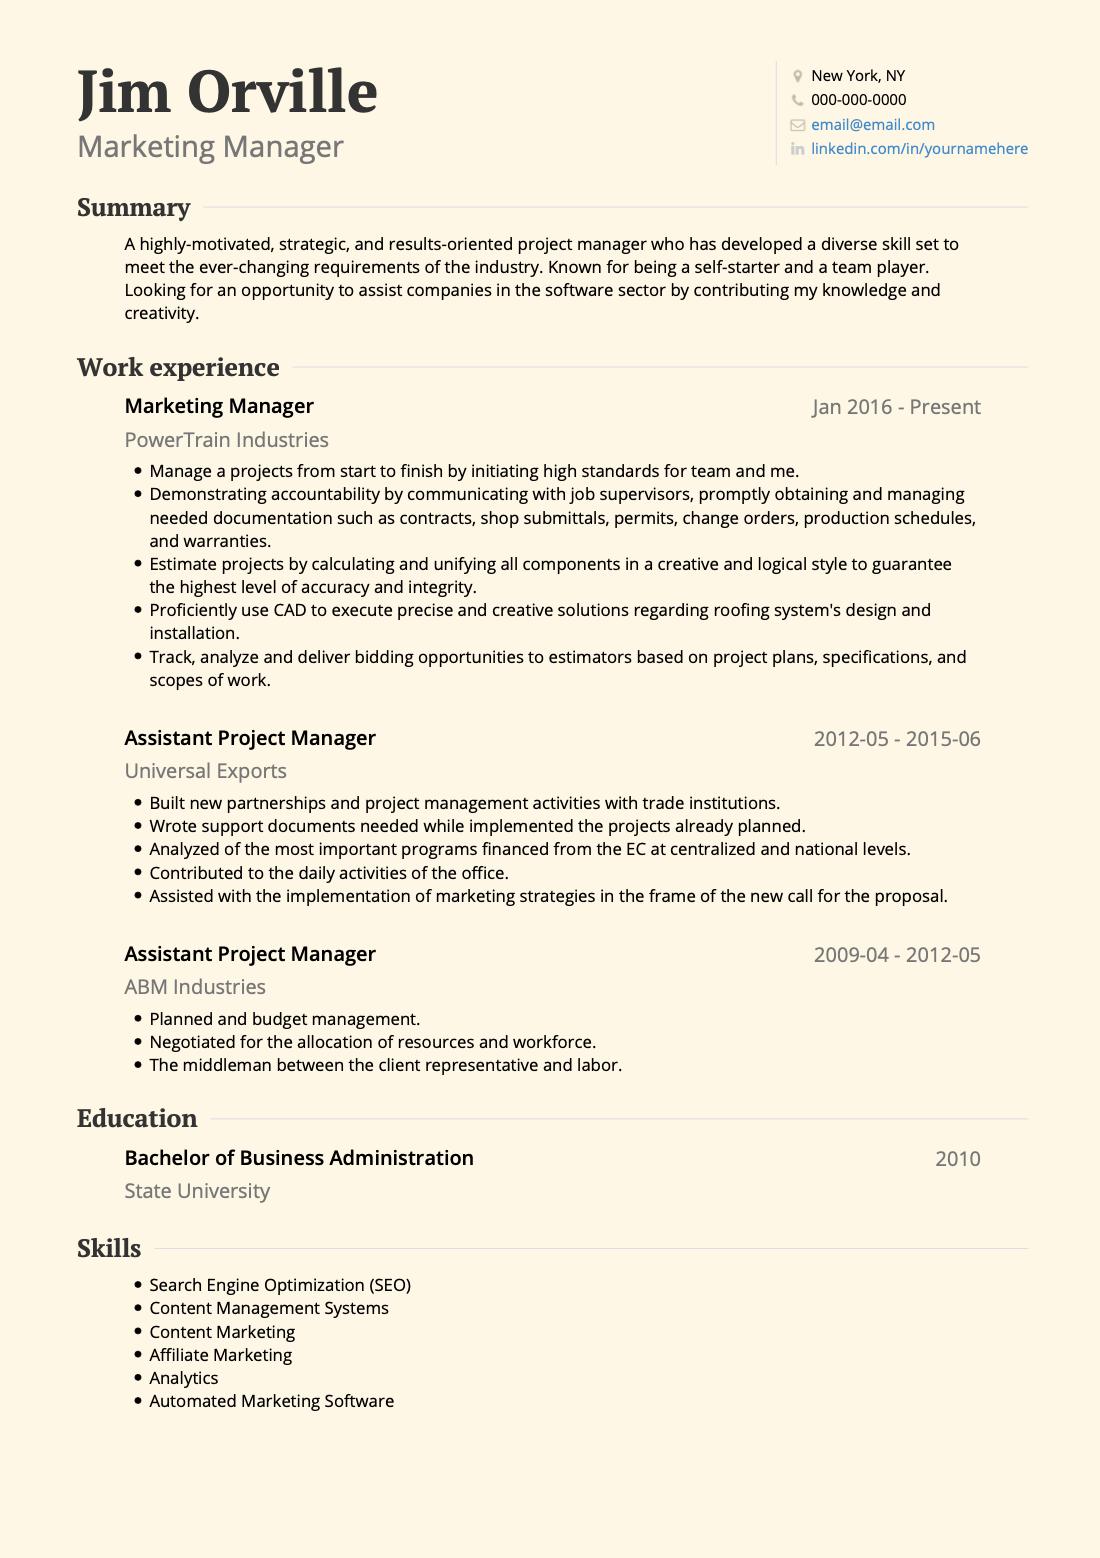 resume-basics-resume-example